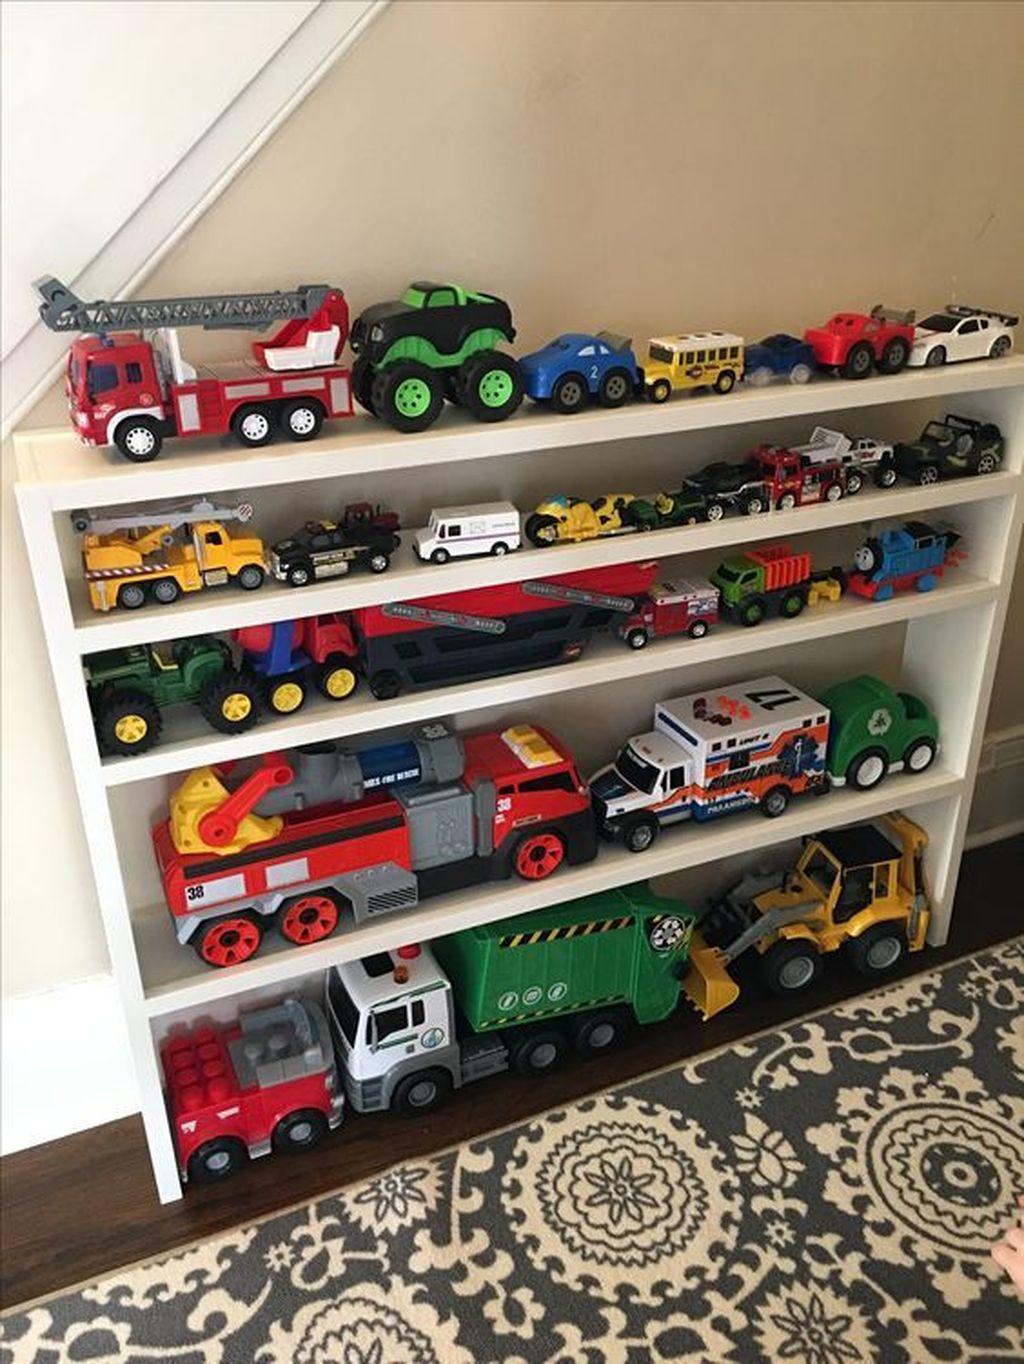 Inspiring Toy Storage Design Ideas 21